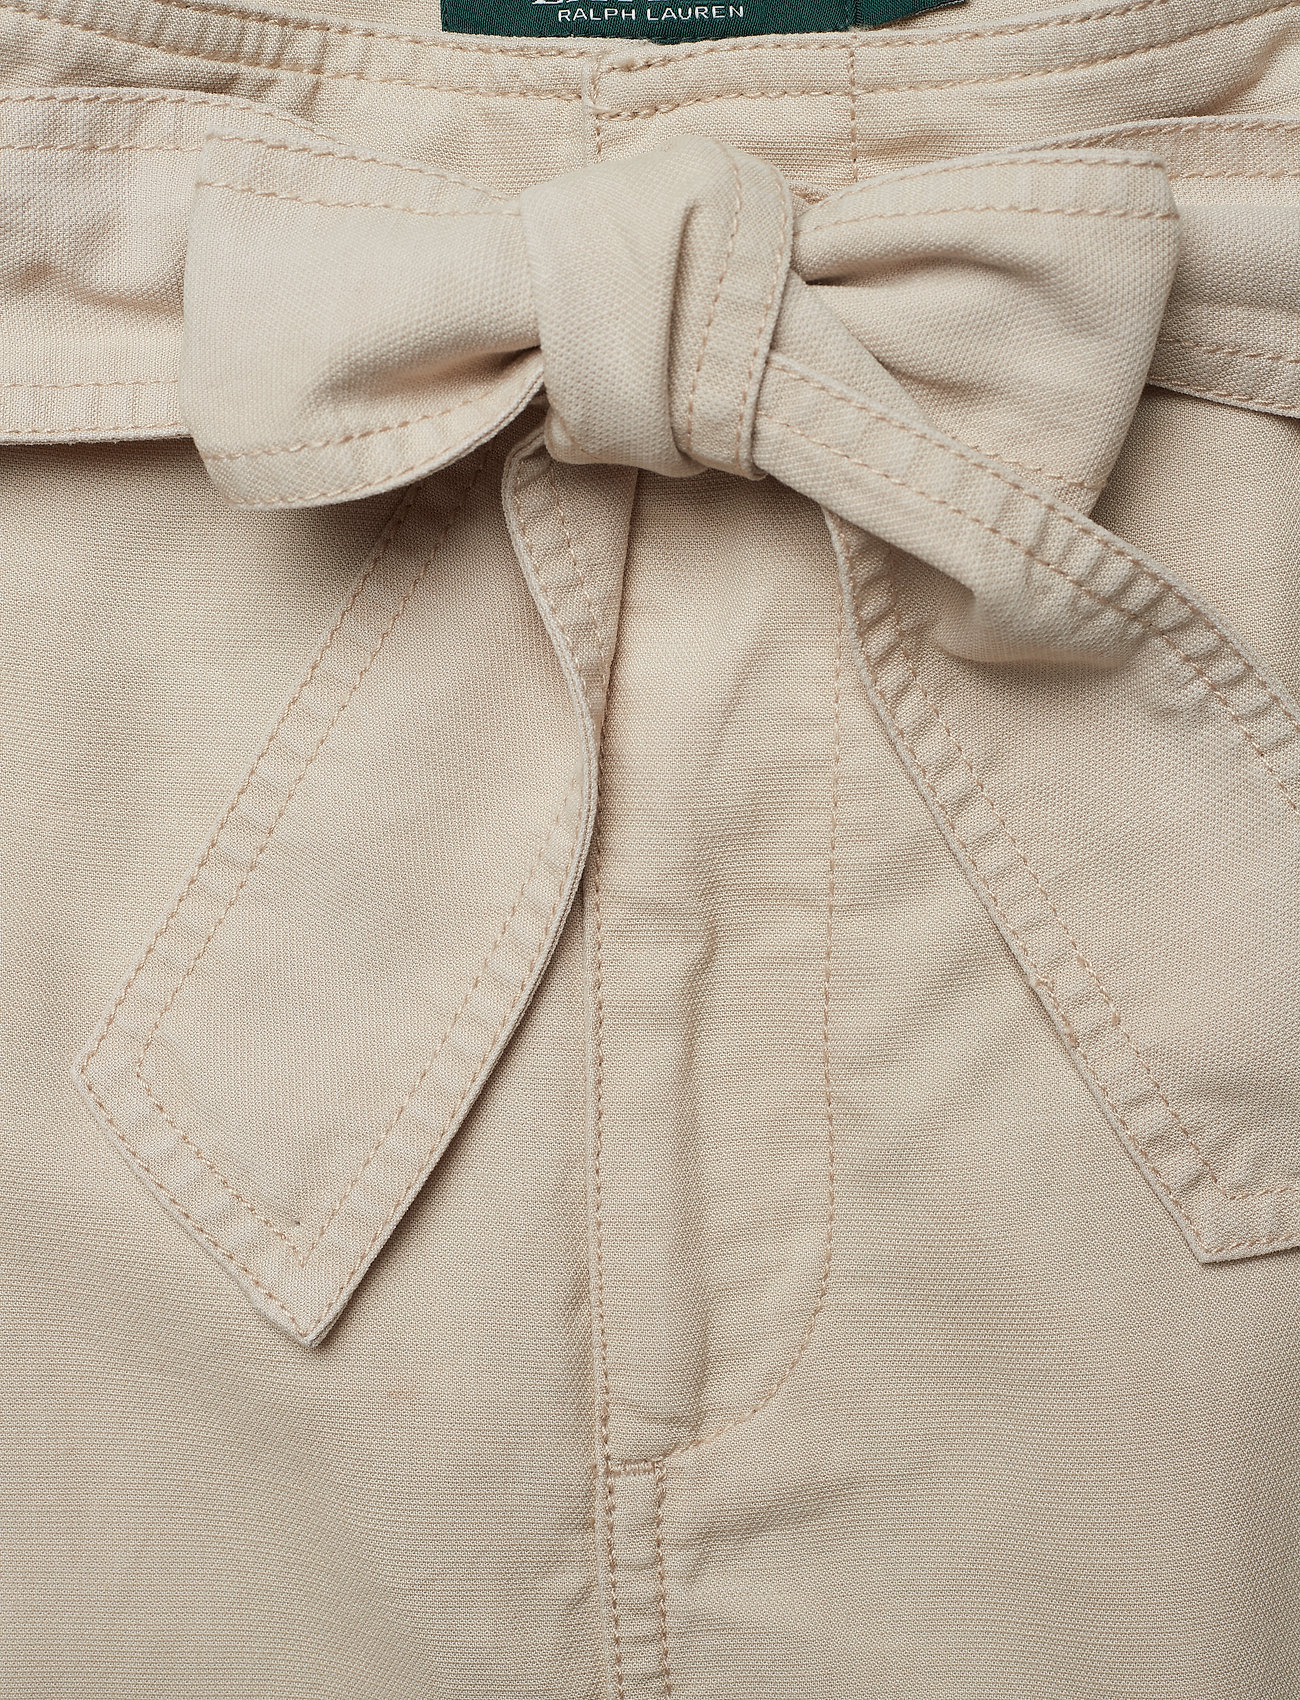 Belted Cotton Ralph Blend Skirtcanyon KhakiLauren kOnPw0